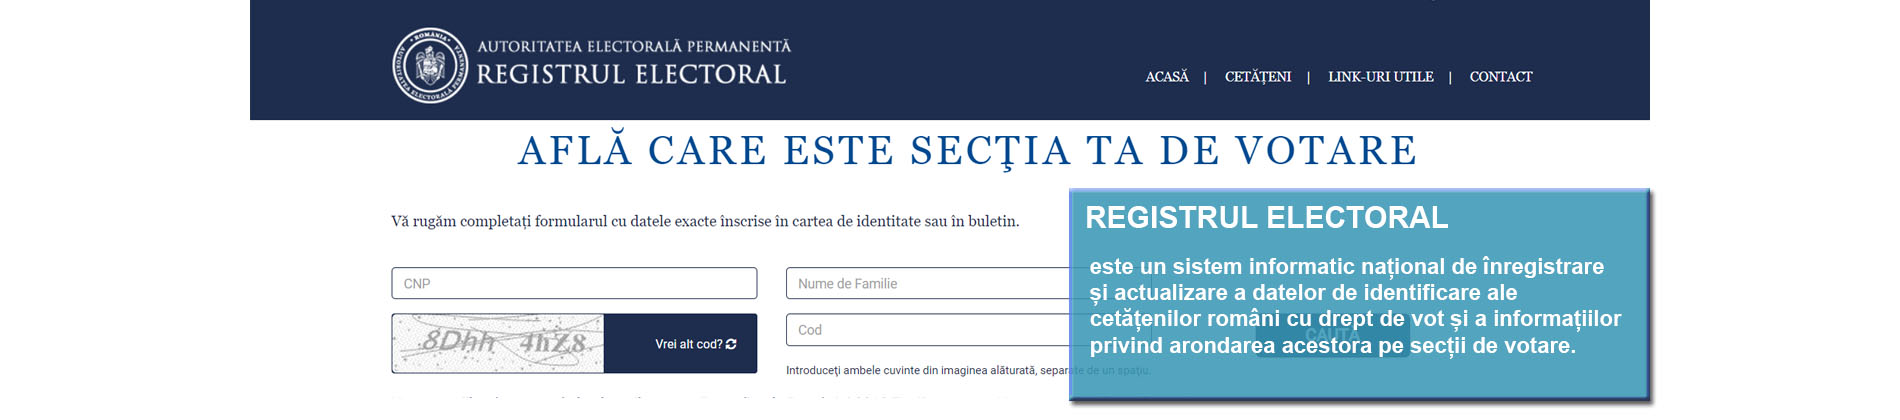 Registrul electoral